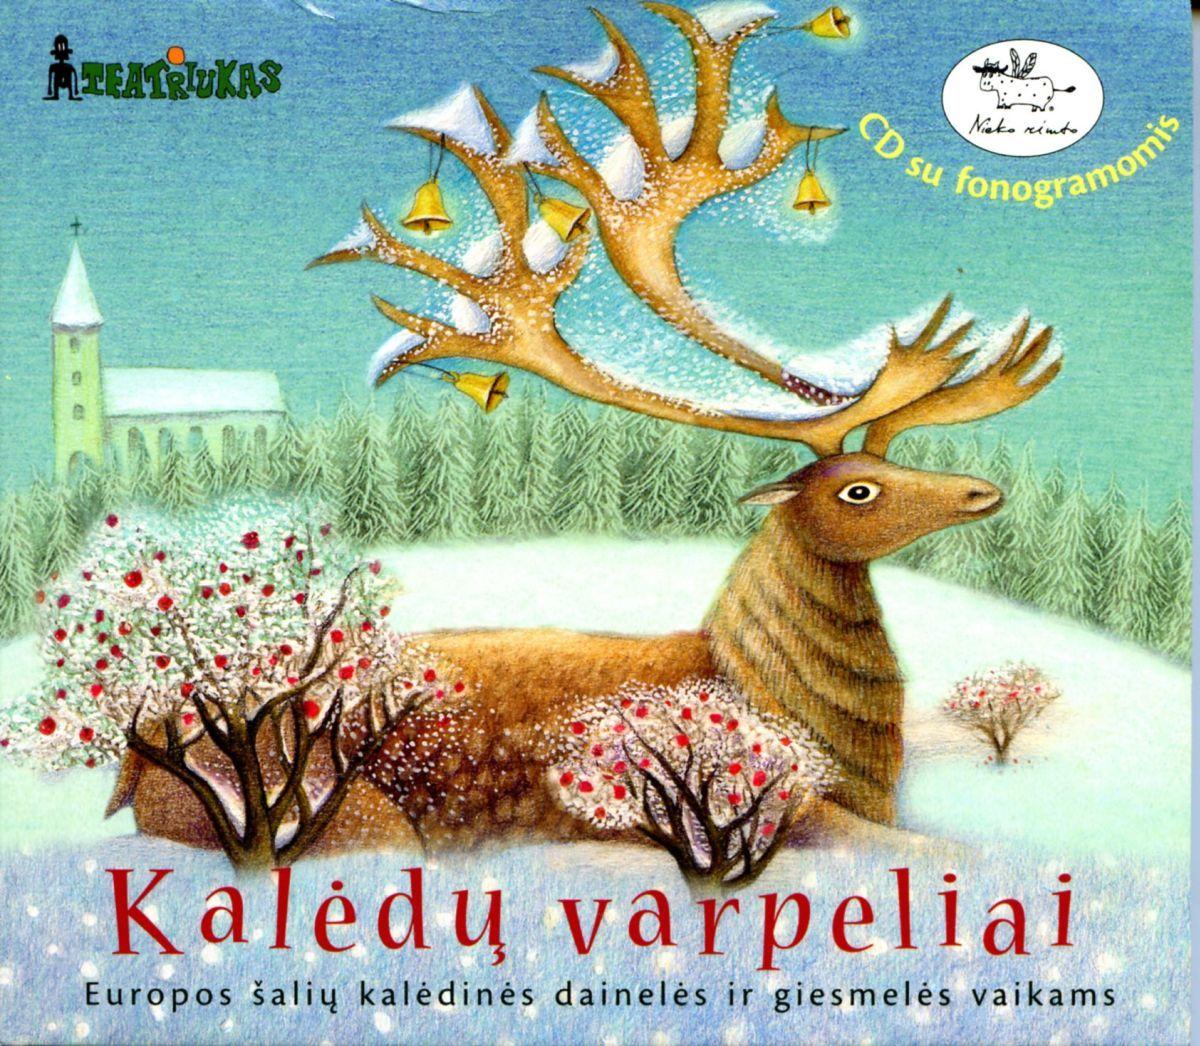 Kalėdų varpeliai: Europos šalių kalėdinės dainelės ir giesmelės vaikams